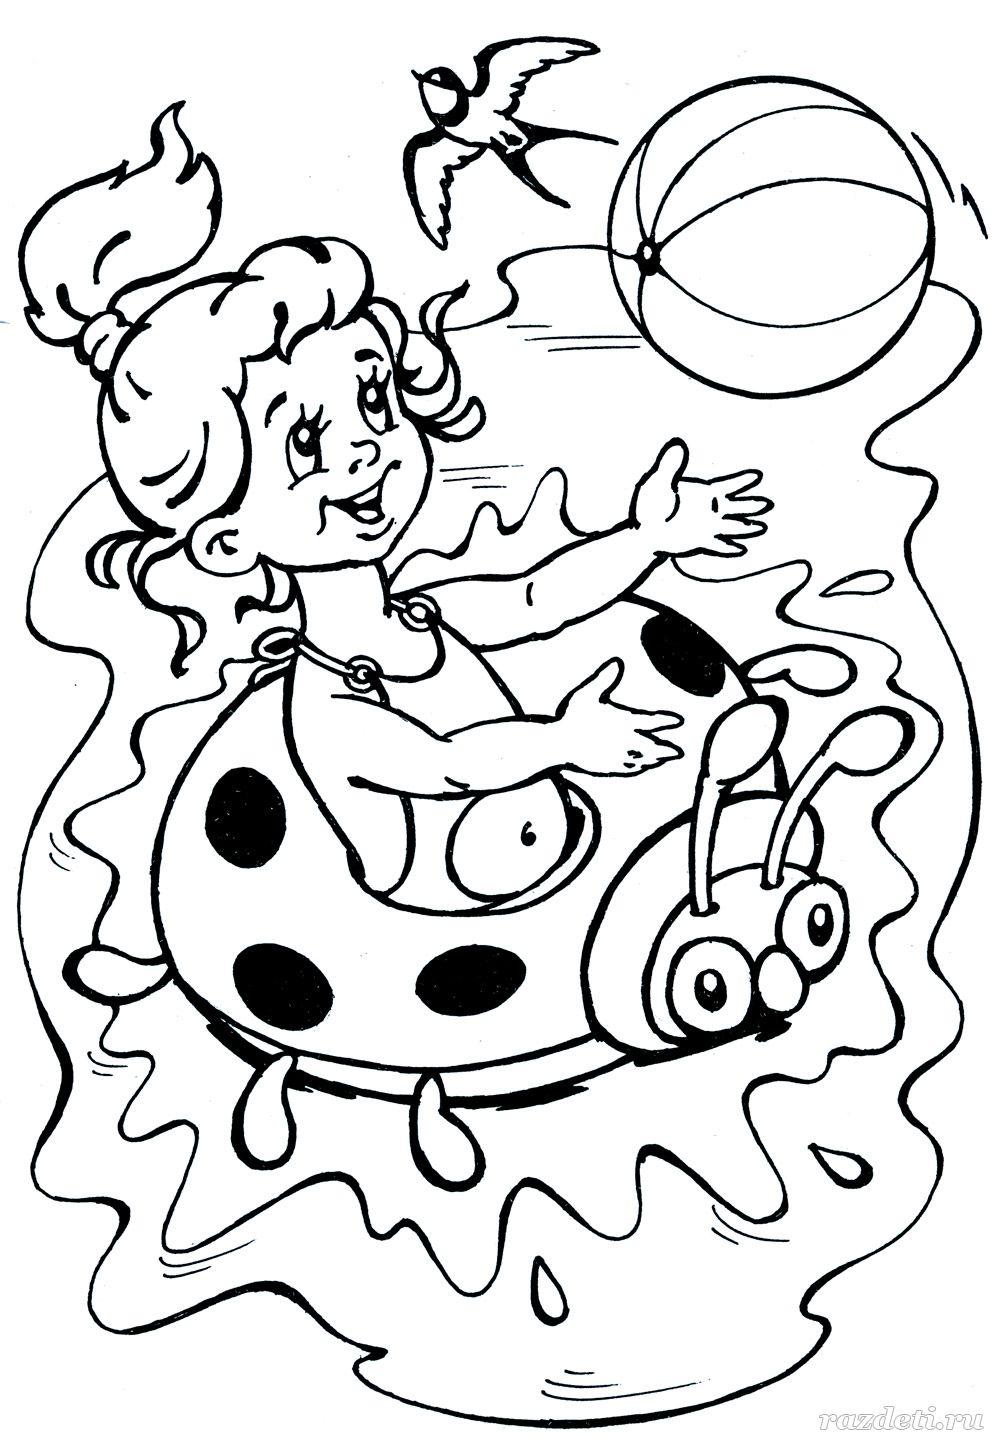 Летние раскраски для детей 5-7 лет. Распечатать бесплатно